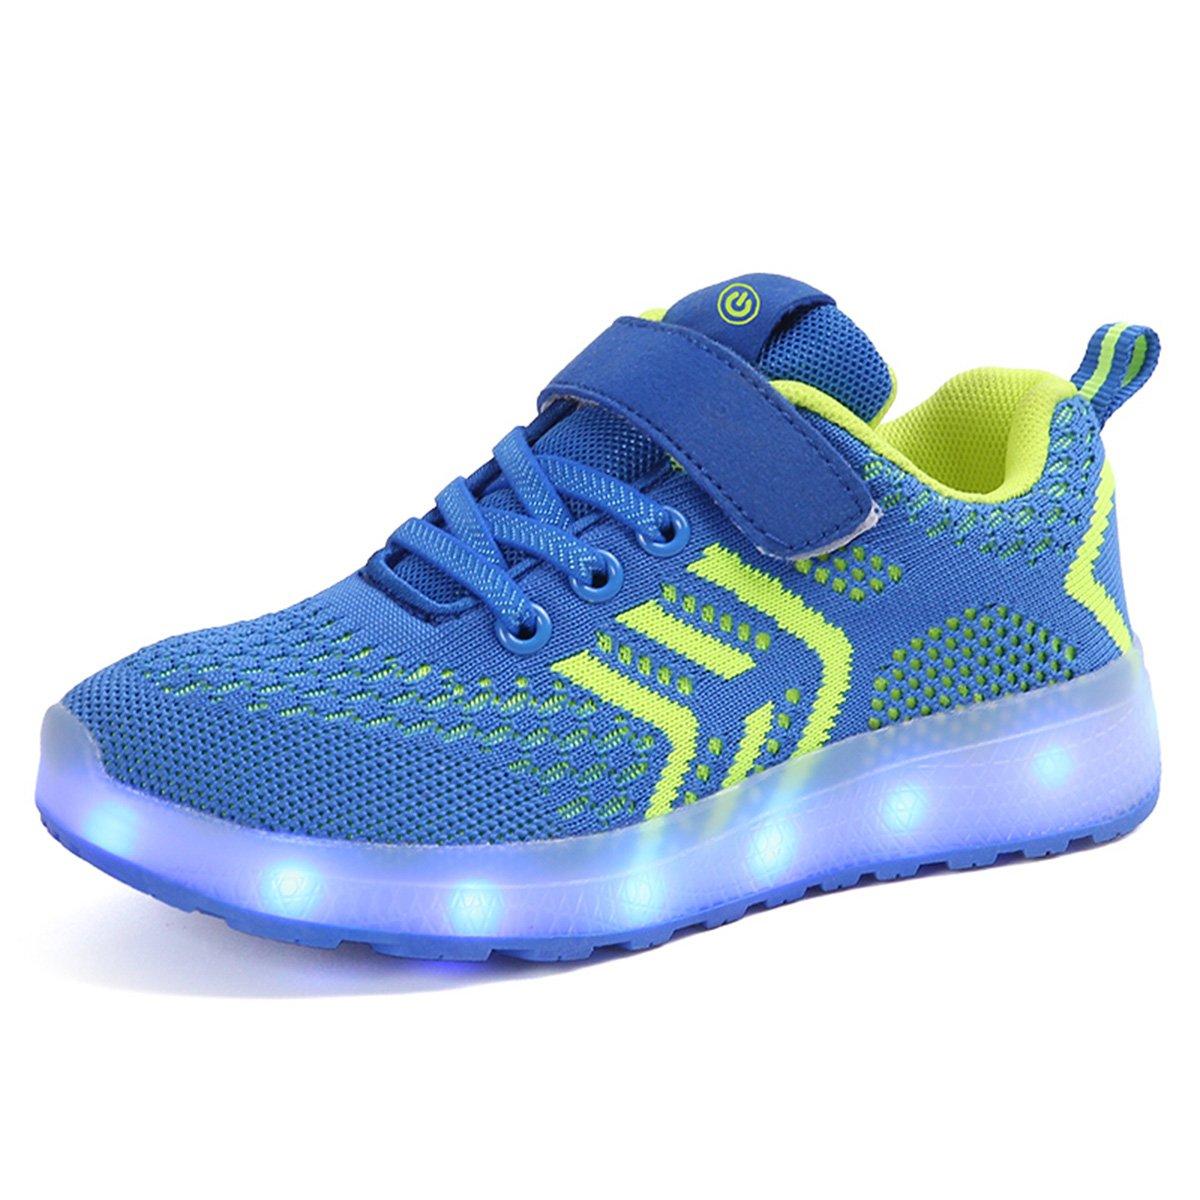 DoGeek- Enfant Chaussure Basket Lumineuse pour Garcon Fille -7 Couleurs LED lumière...